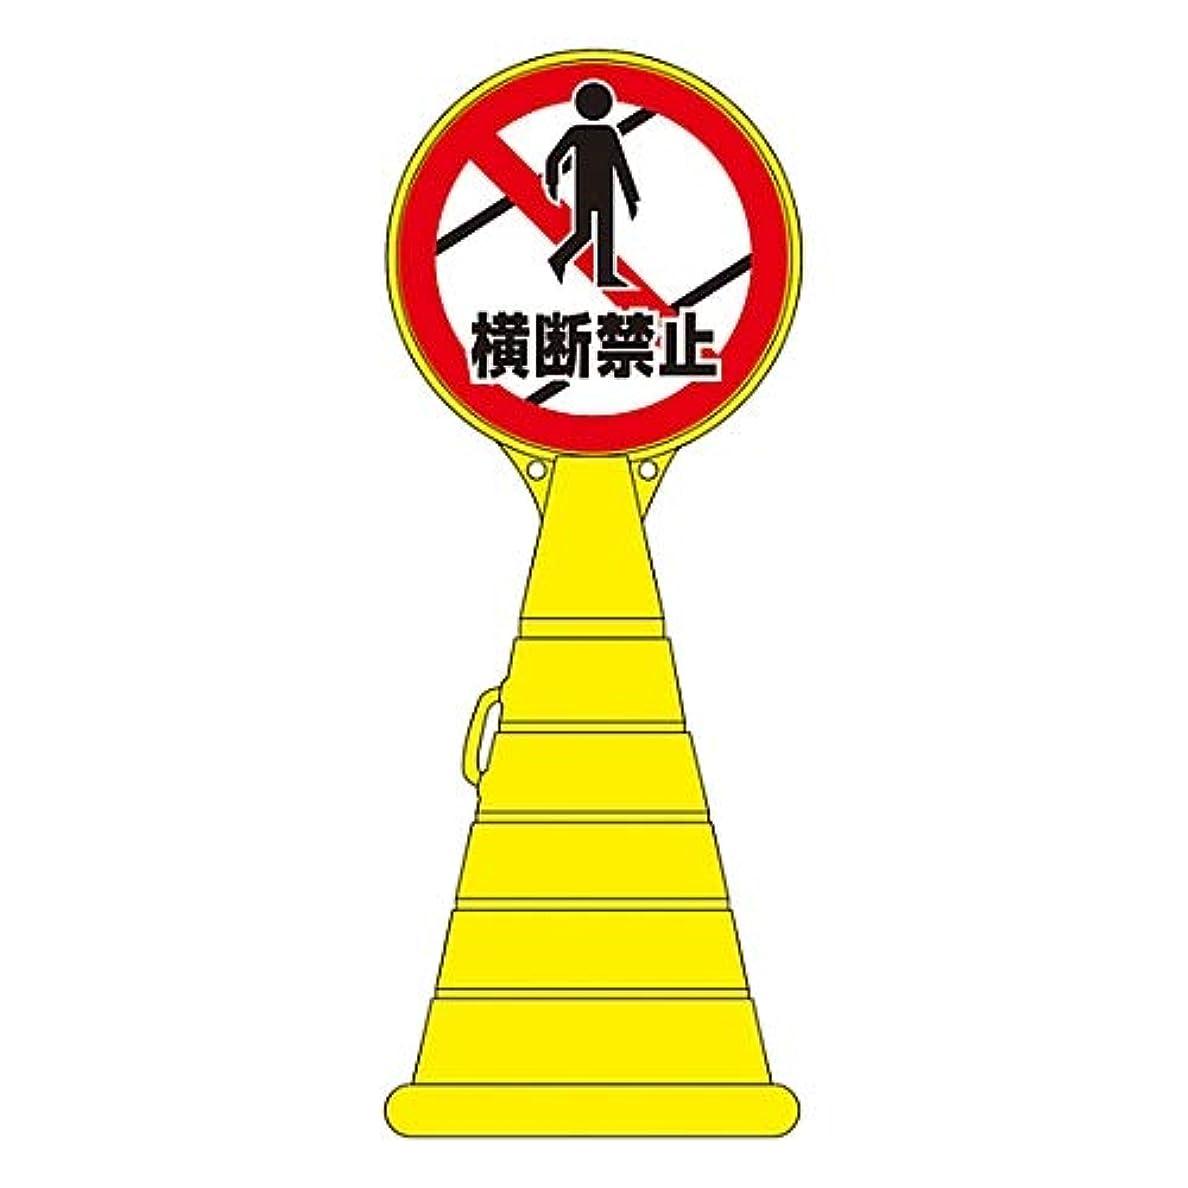 滴下プロテスタント西部ロードポップサイン 「横断禁止」 RP-20/61-3437-77